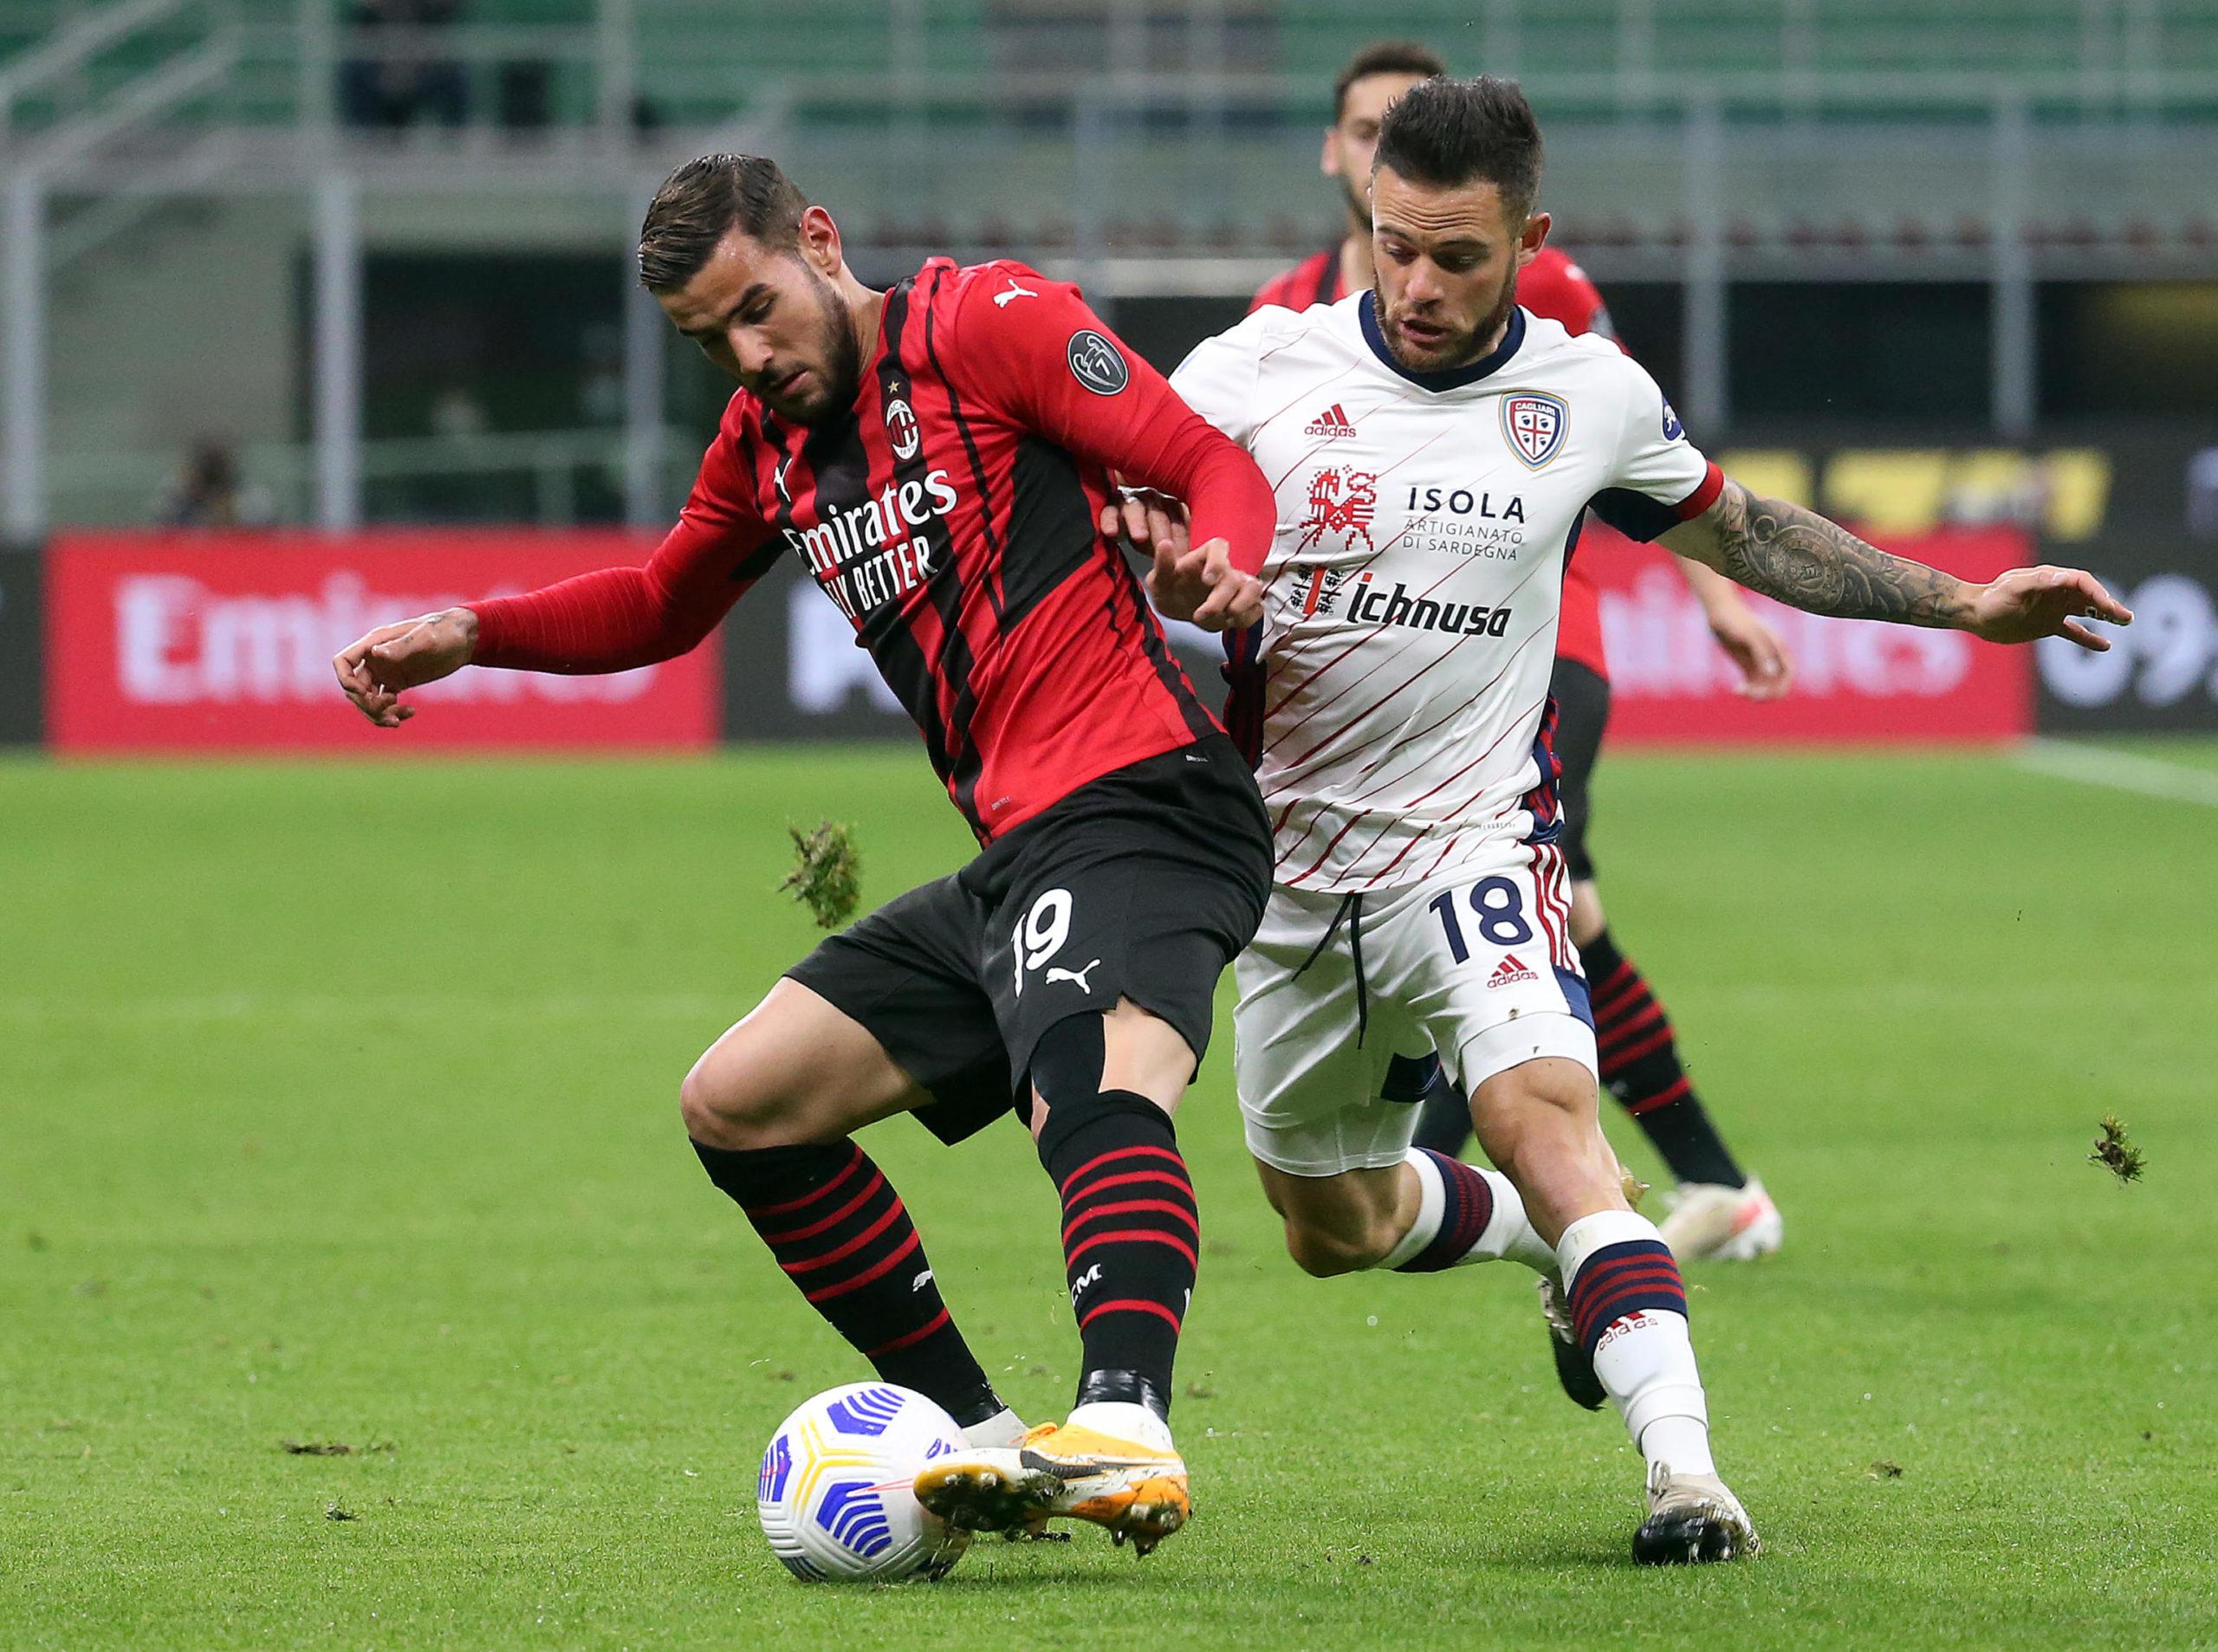 Cagliari's Nahitan Nandez holds off Milan's Theo Hernandez